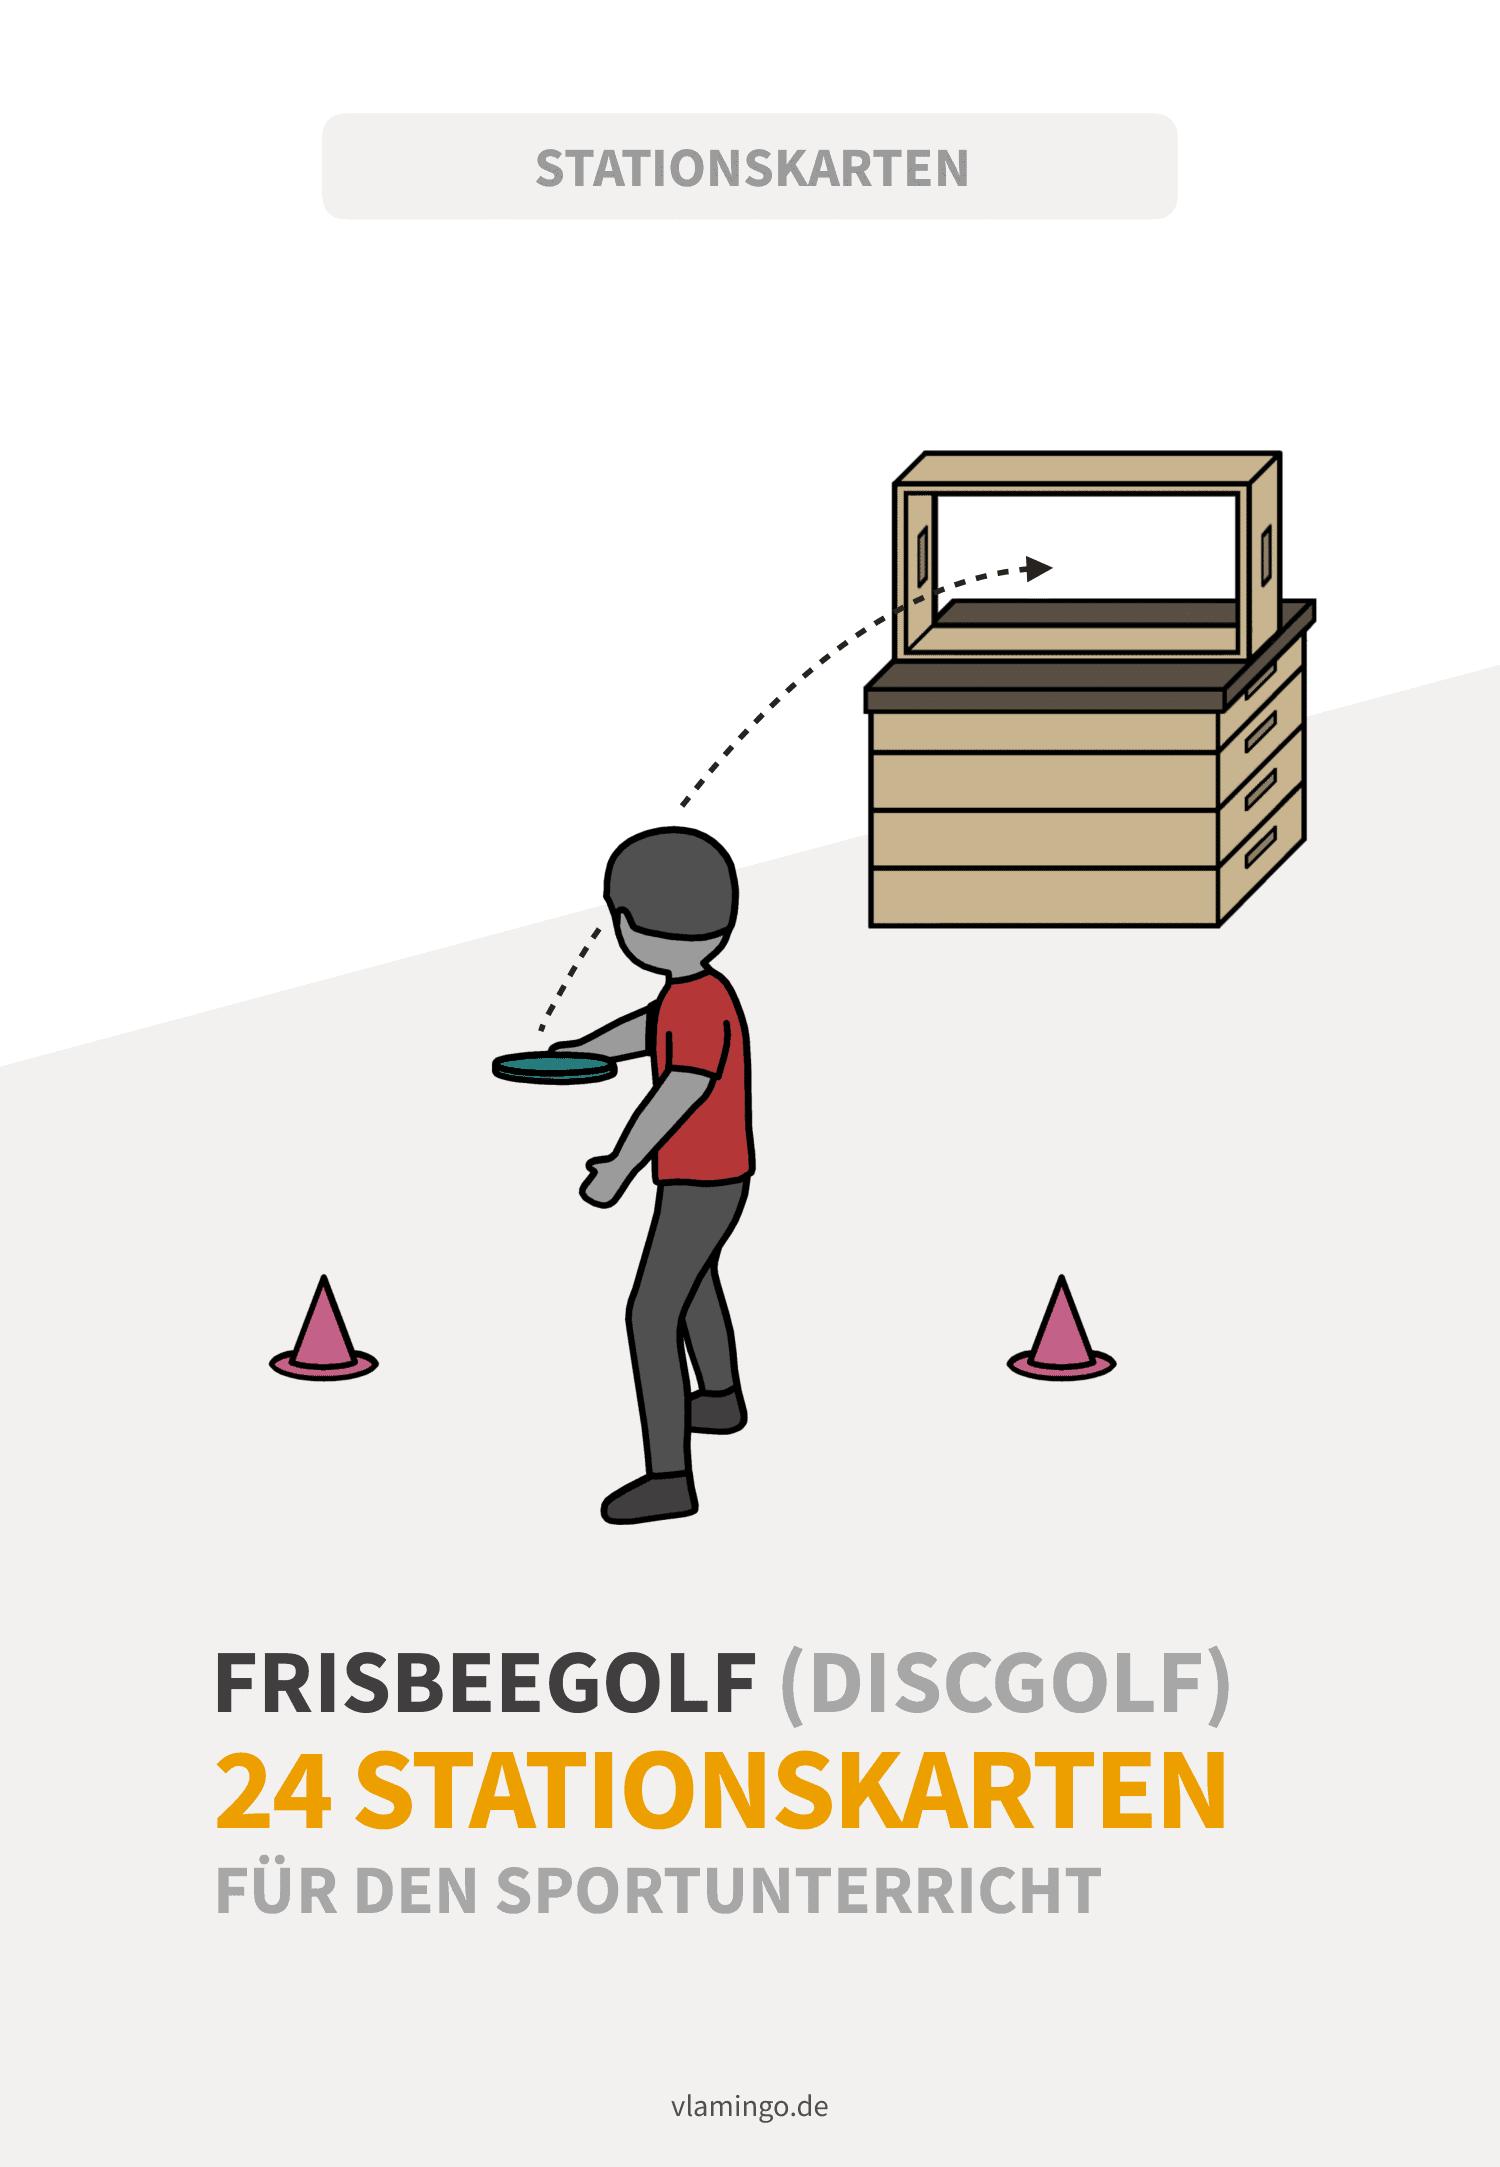 Frisbeegolf - 24 Stationskarten für den Sportunterricht